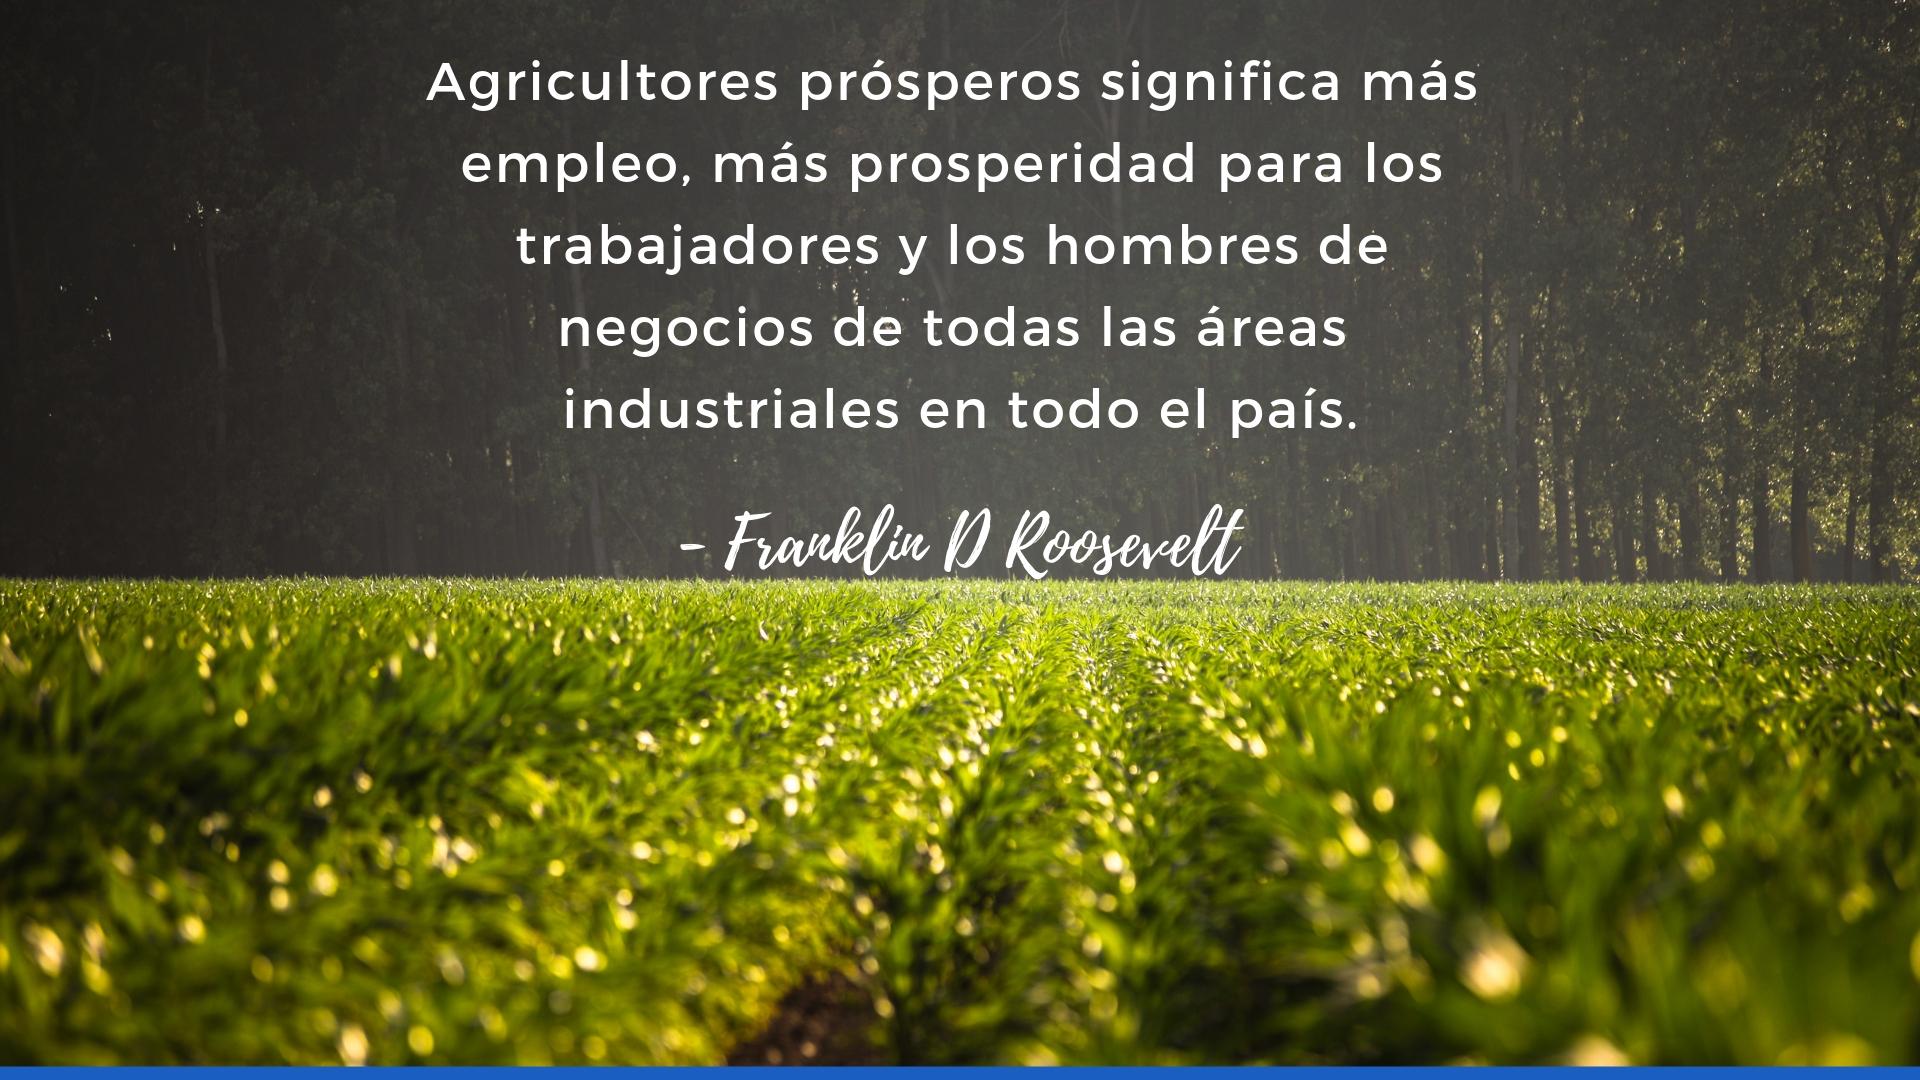 Agricultores prósperos significa más empleo, más prosperidad para los trabajadores y los hombres de negocios de todas las areas industriales en todo el país.